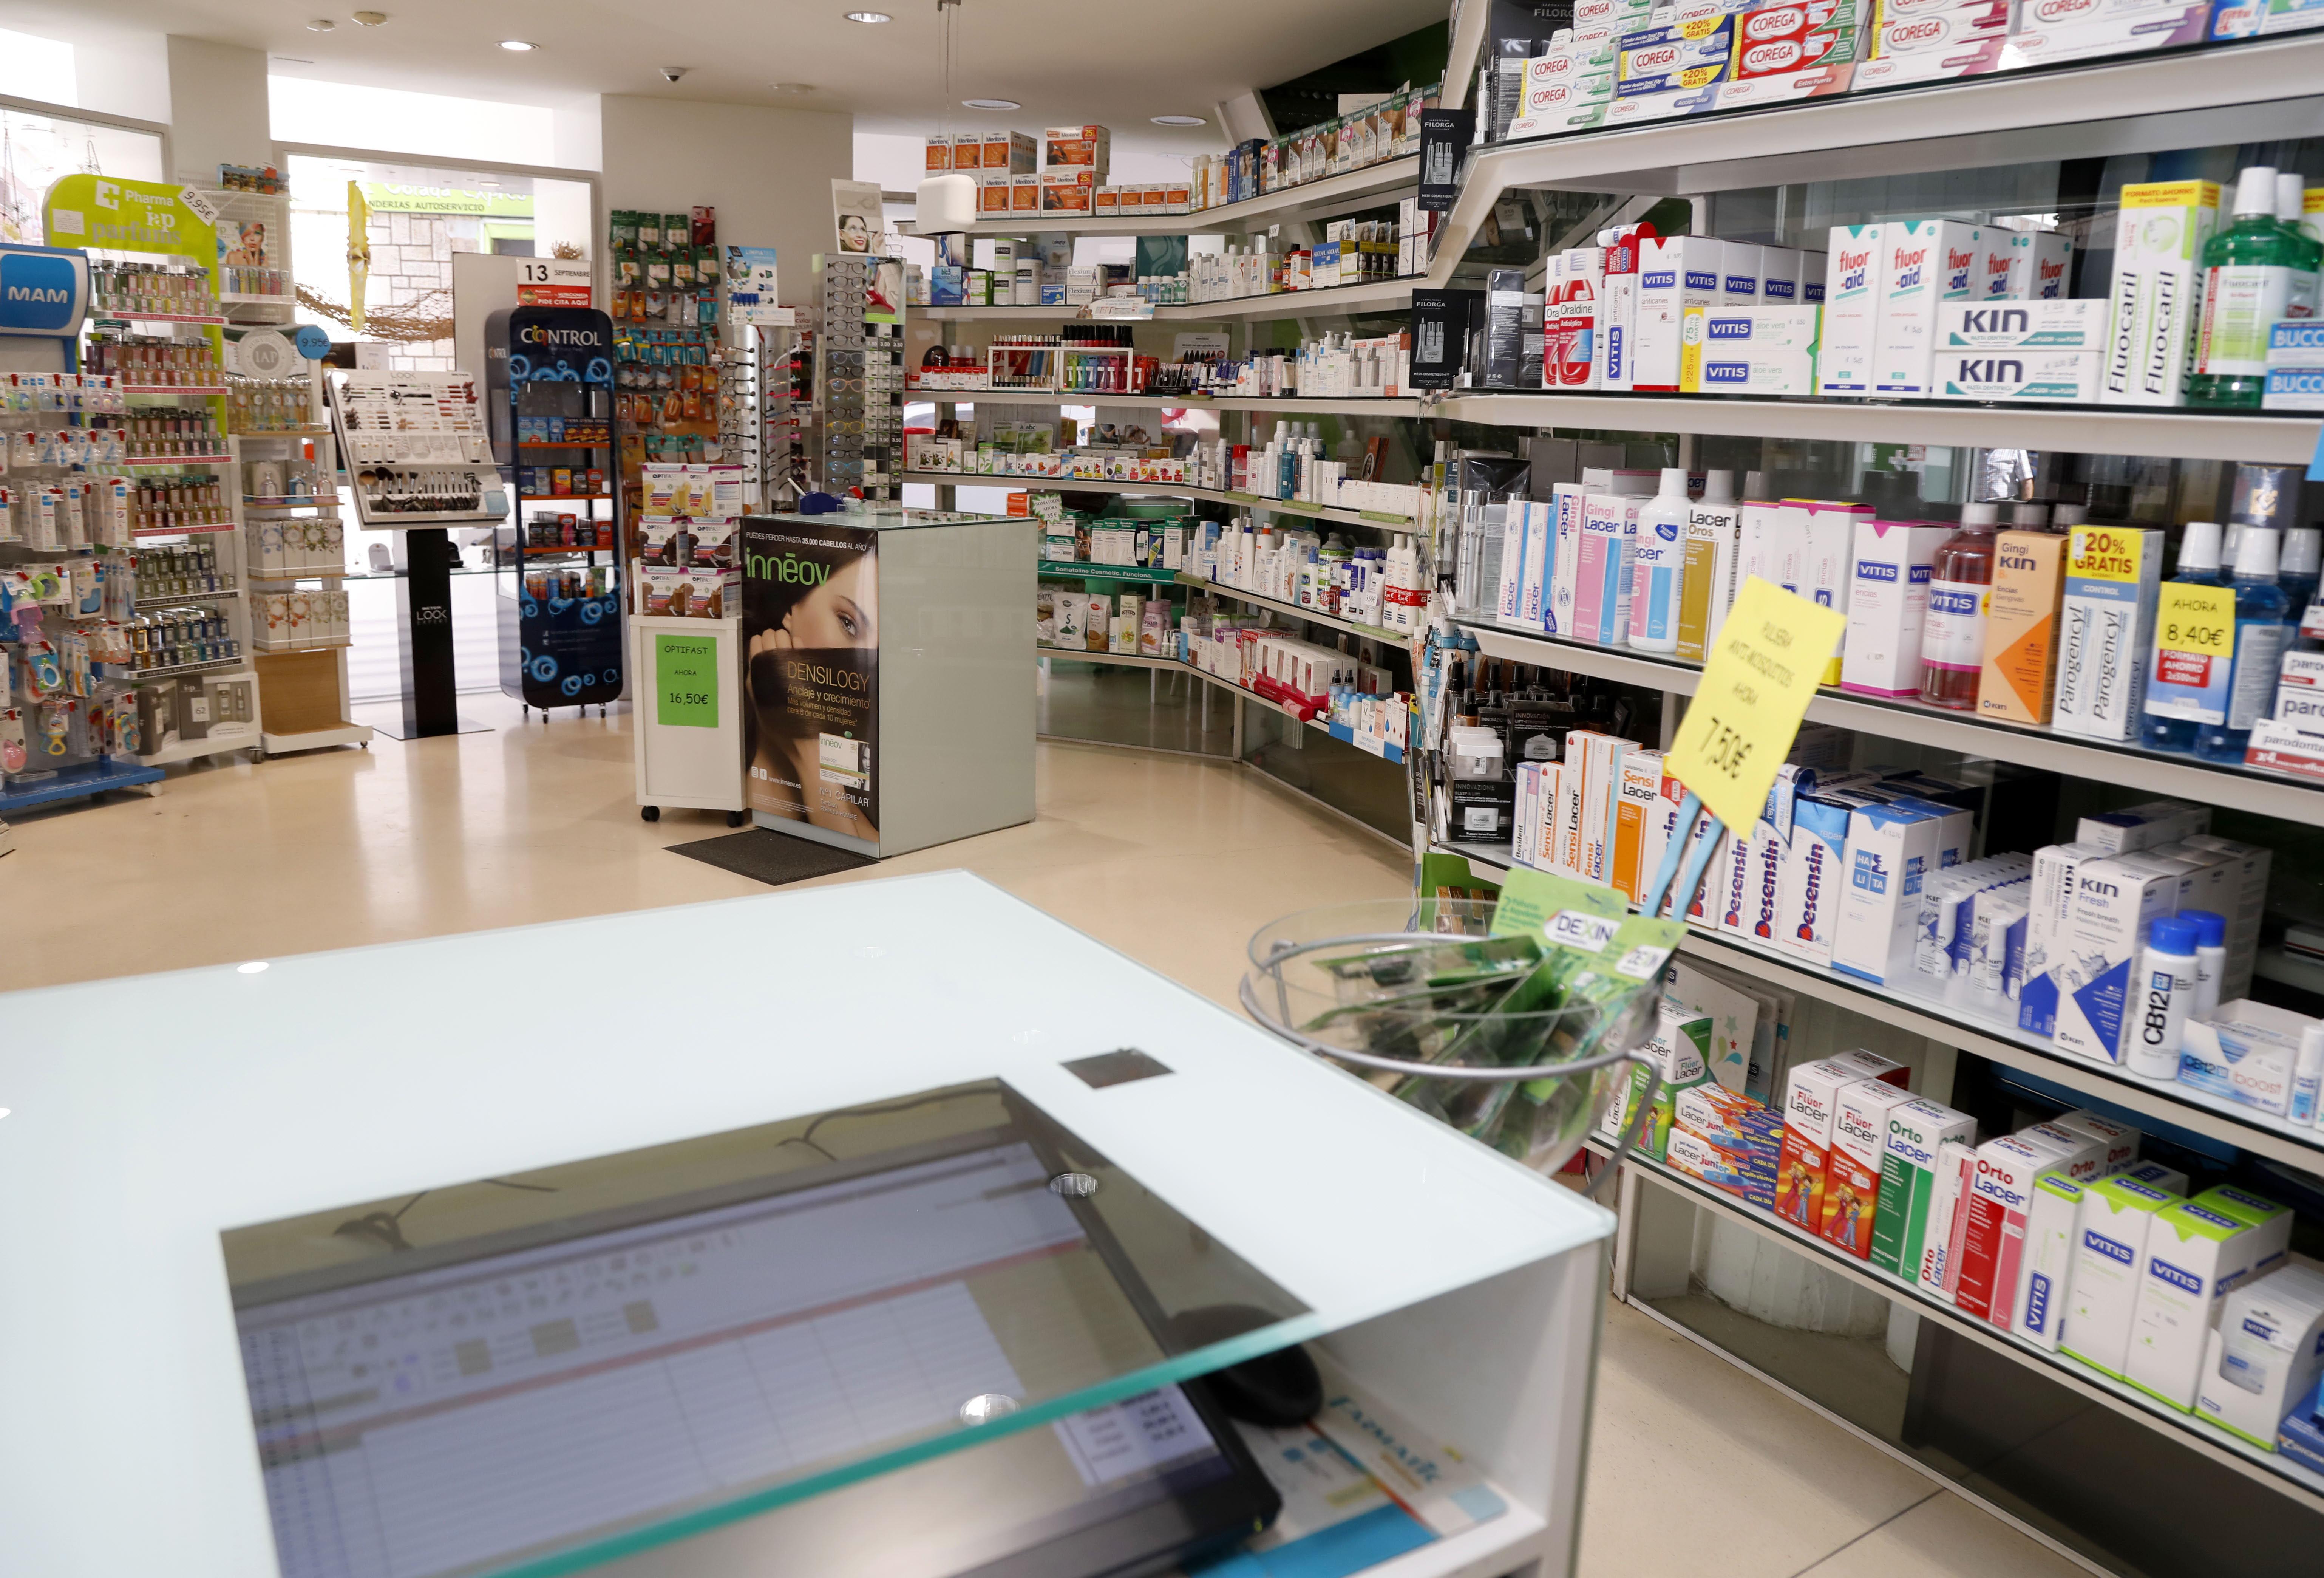 Las farmacias perderán 22 millones de euros si se suprime el copago a pensionistas